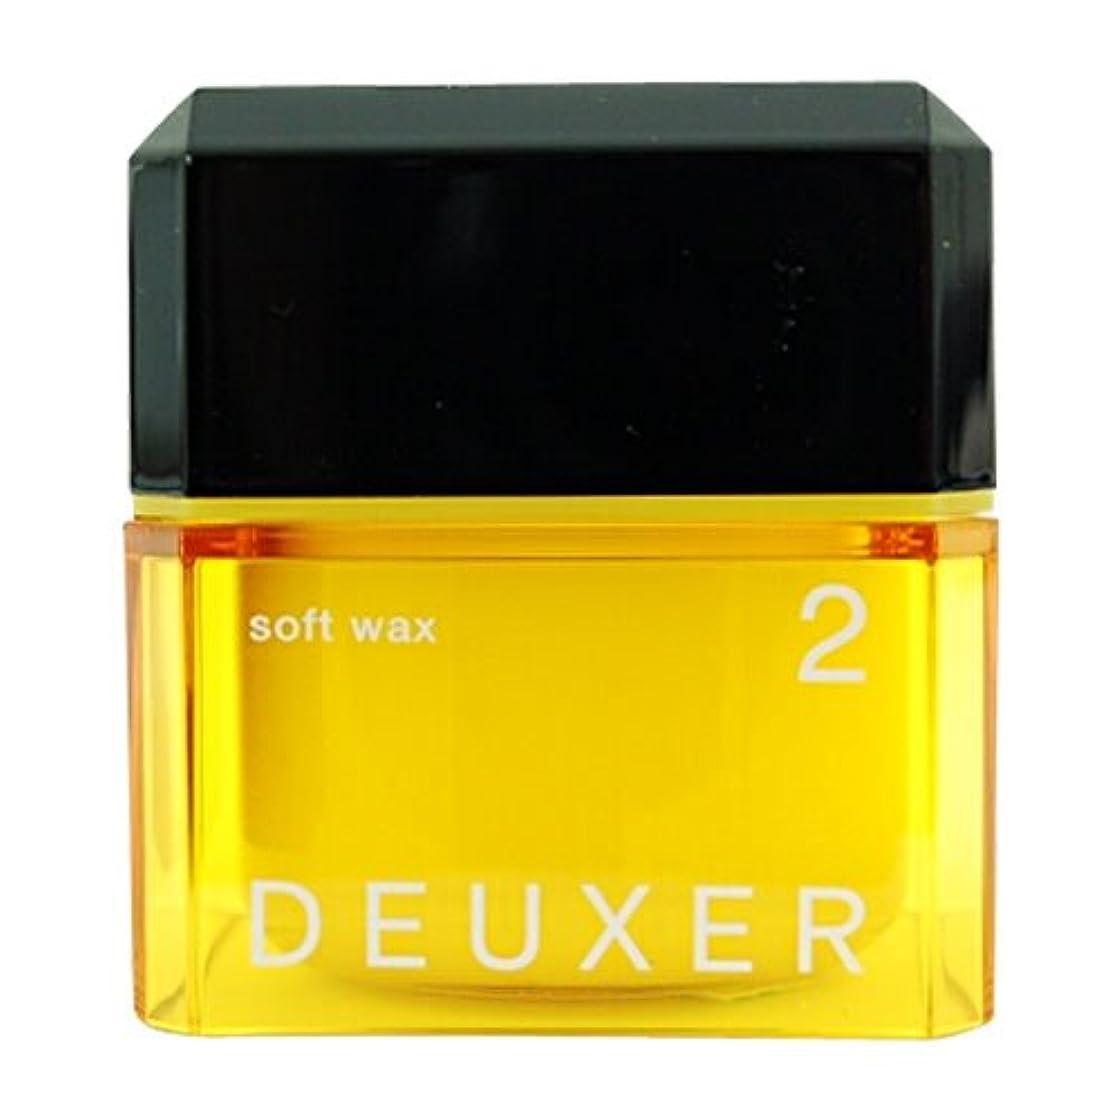 怠な準備したマーチャンダイジングナンバースリー DEUXER(デューサー) ソフトワックス 2 80g